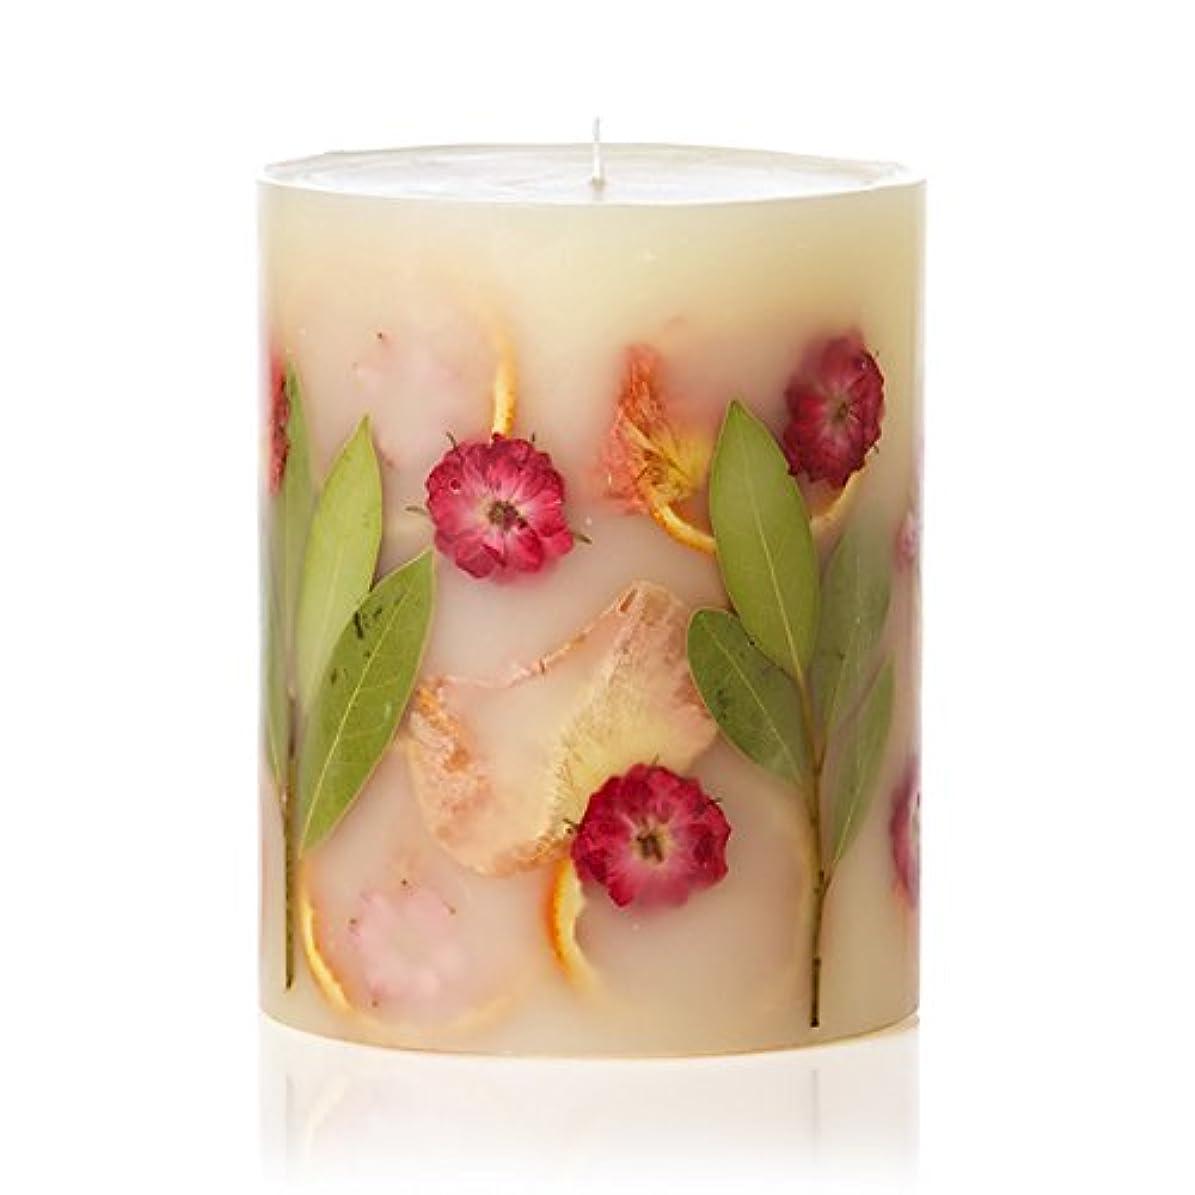 スチュワーデス平野ヒューズロージーリングス ボタニカルキャンドル トールラウンド ピオニー&ポメロ ROSY RINGS Round Botanical CandleTall Round Peony & Pomelo